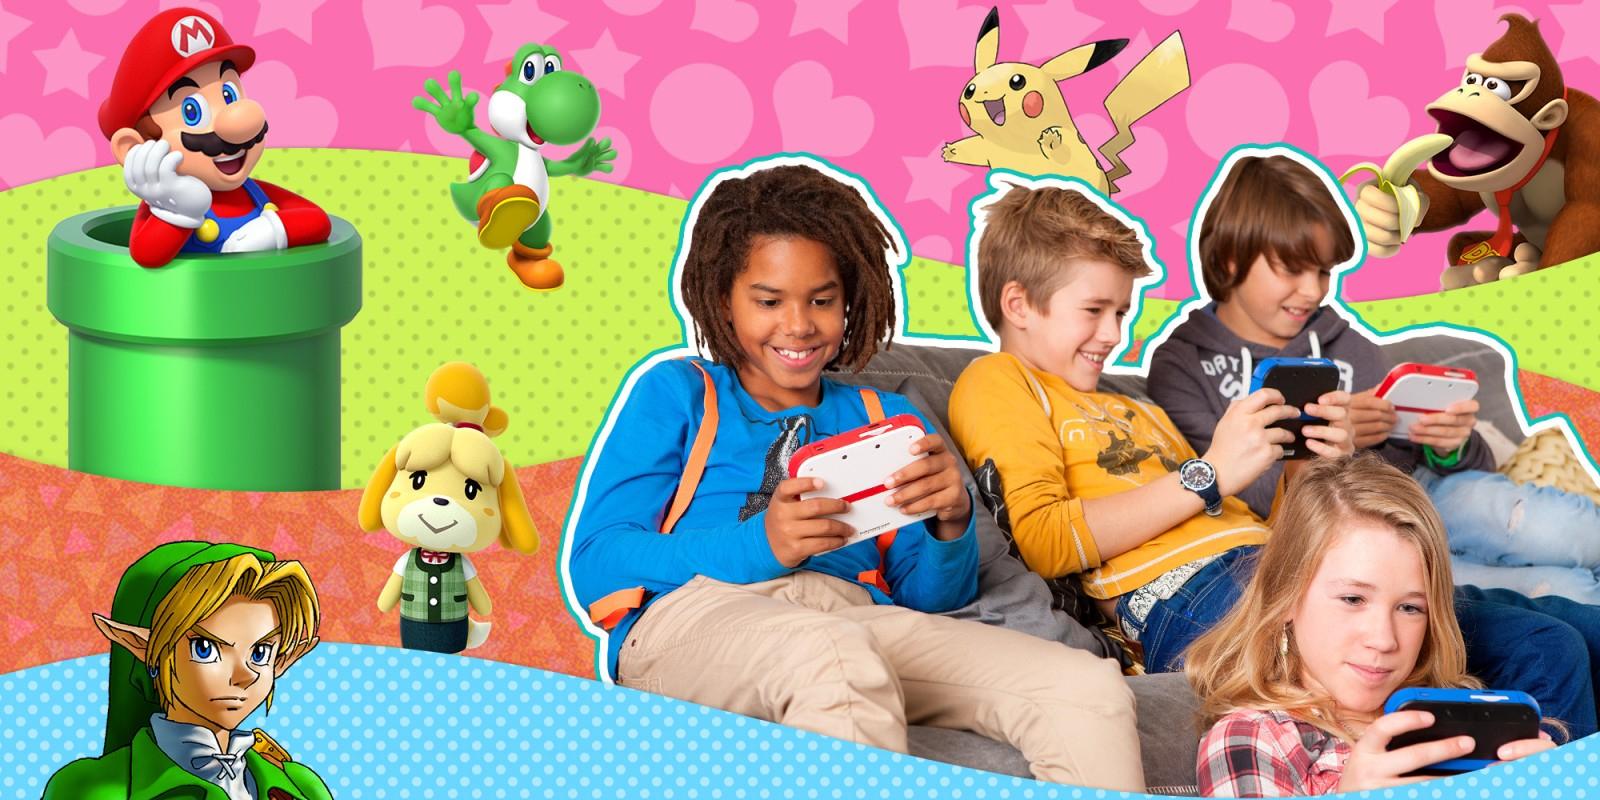 Jeux Nintendo Pour Les Enfants   Nintendo dedans Jeux Enfant 6 Ans Gratuit